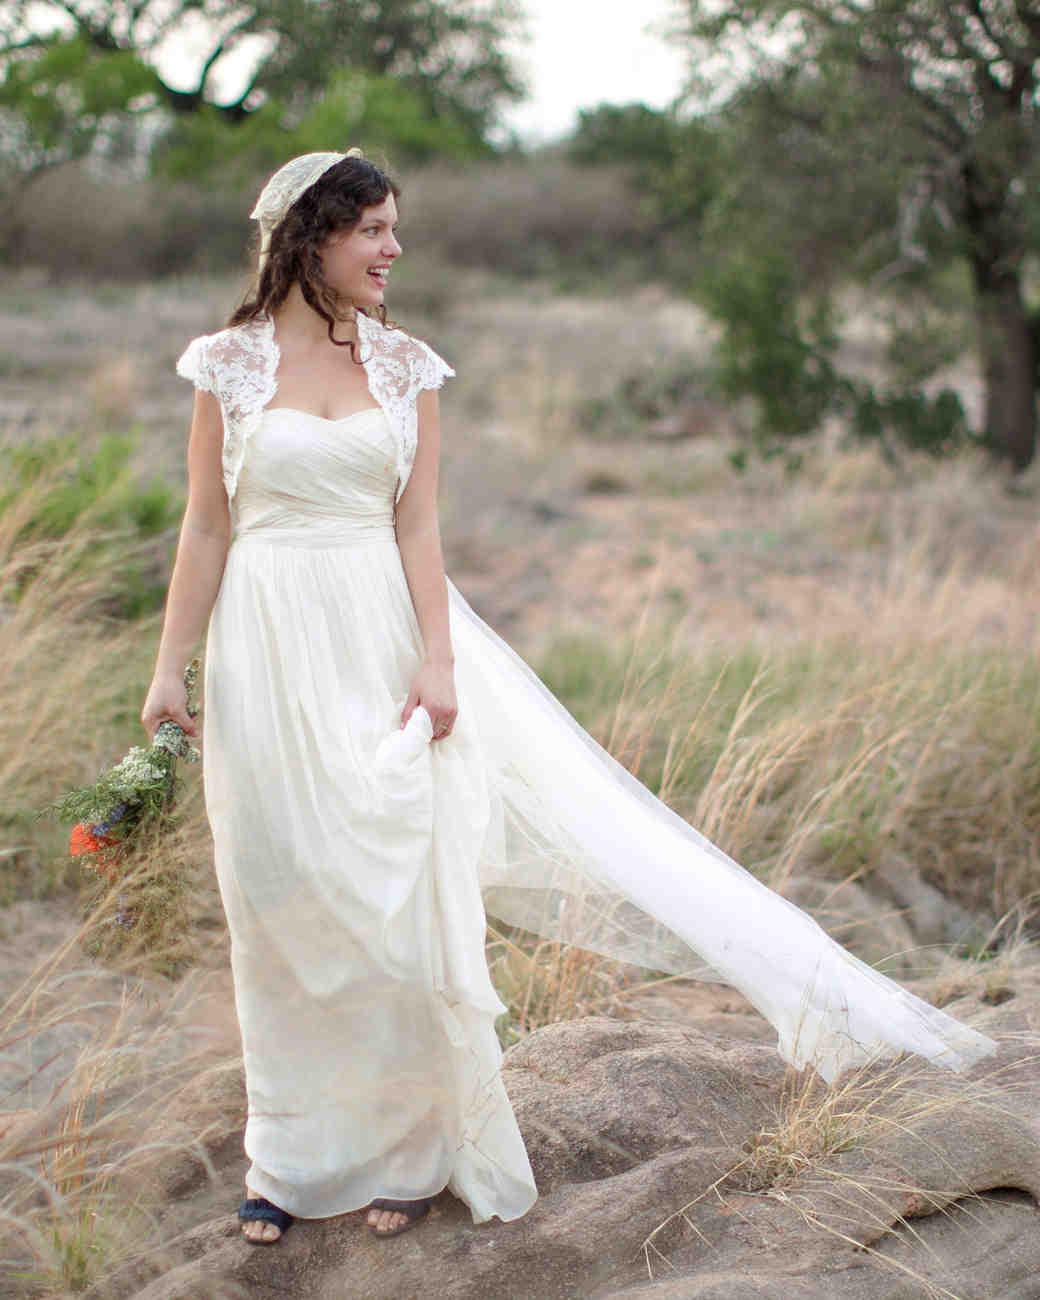 rw-ellie-shawn-bride-110423.jpg